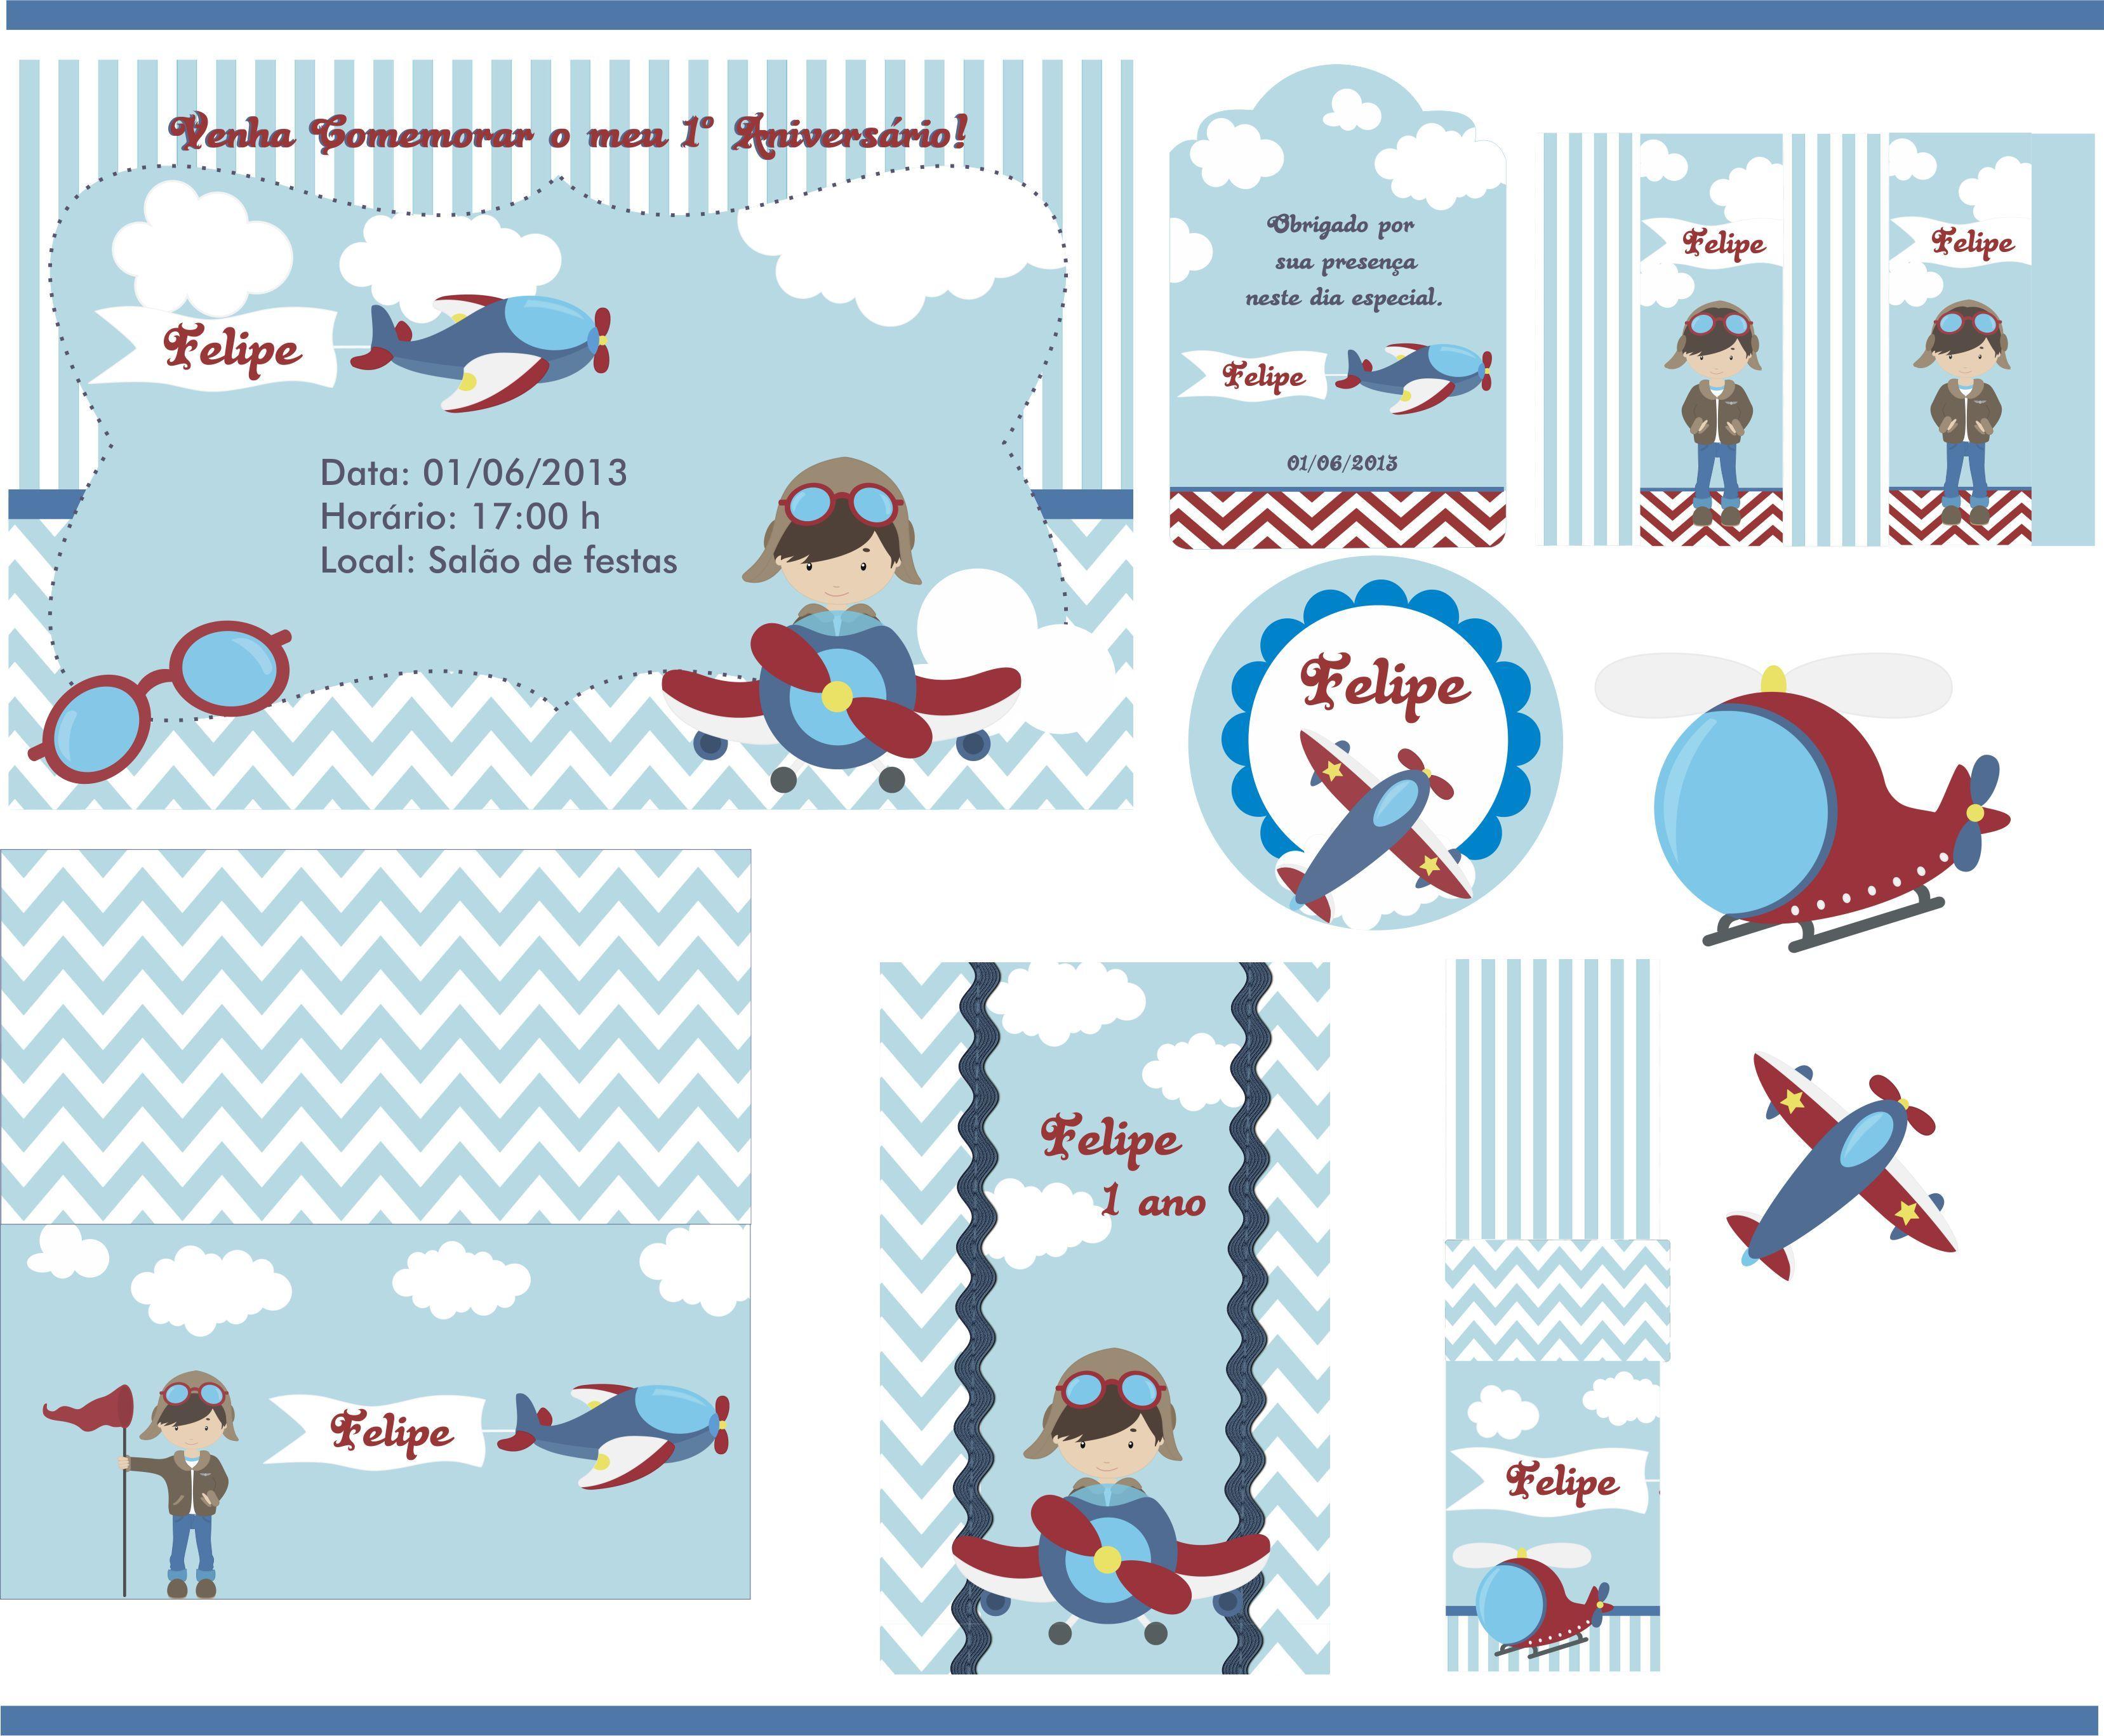 festa menino aviador kit festa aviao festa menino aviador festa piloto